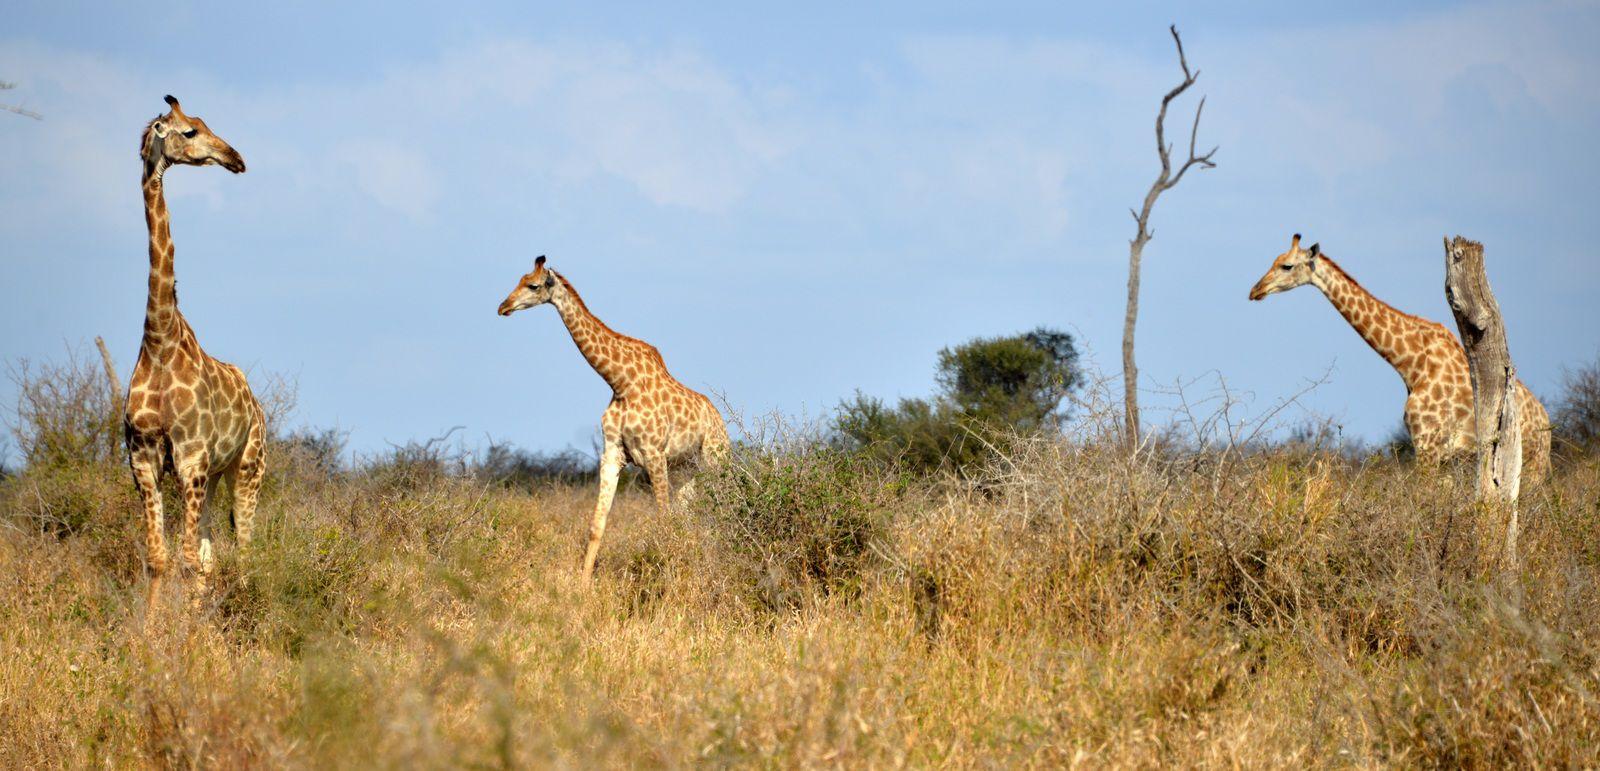 Afrique du Sud / 5 / Il est 08h16, nous sommes le 14 Novembre